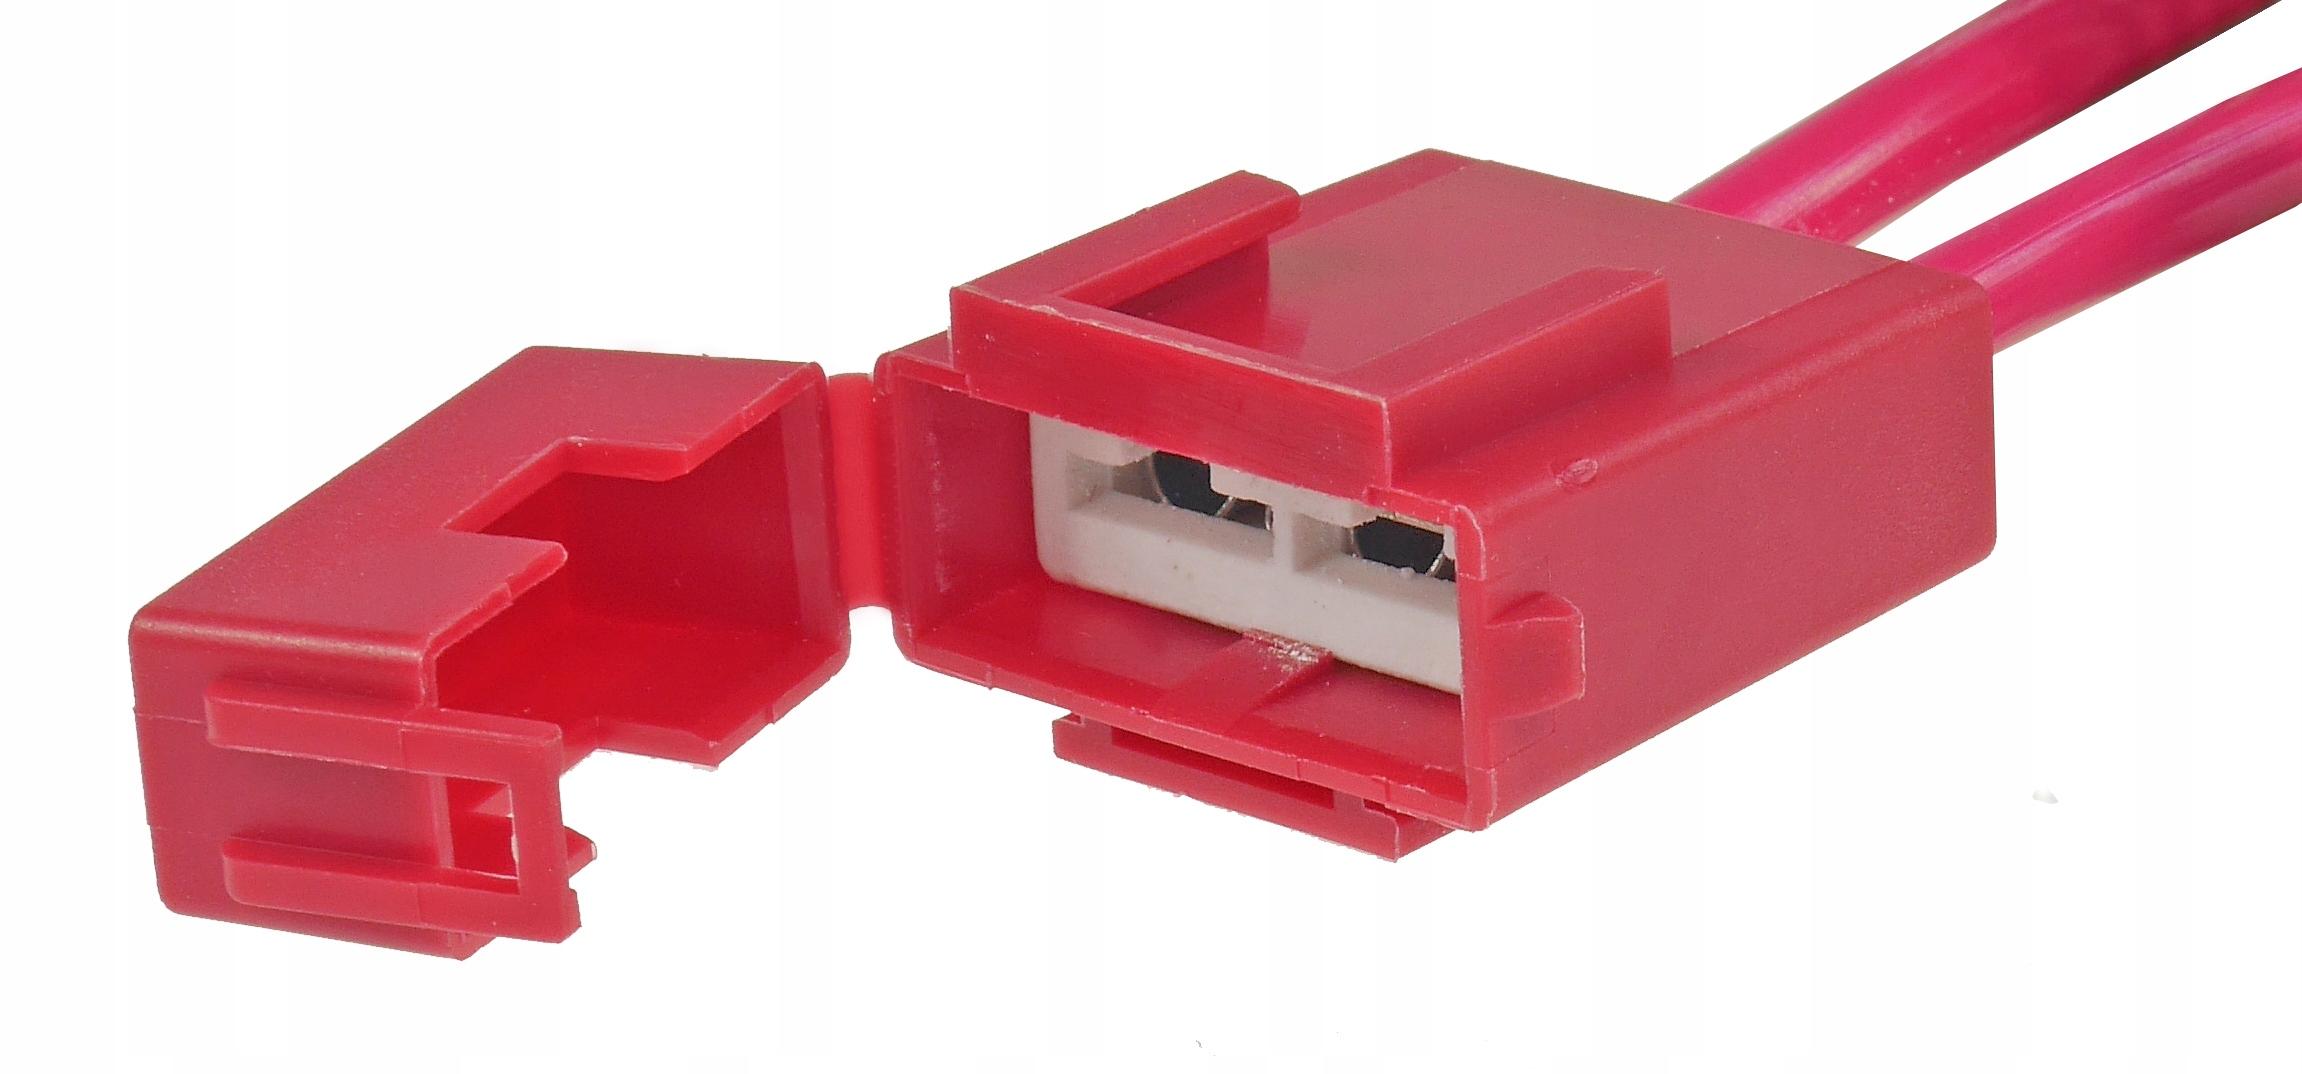 гнездо основа предохранитель кабель фарфоровая 30a